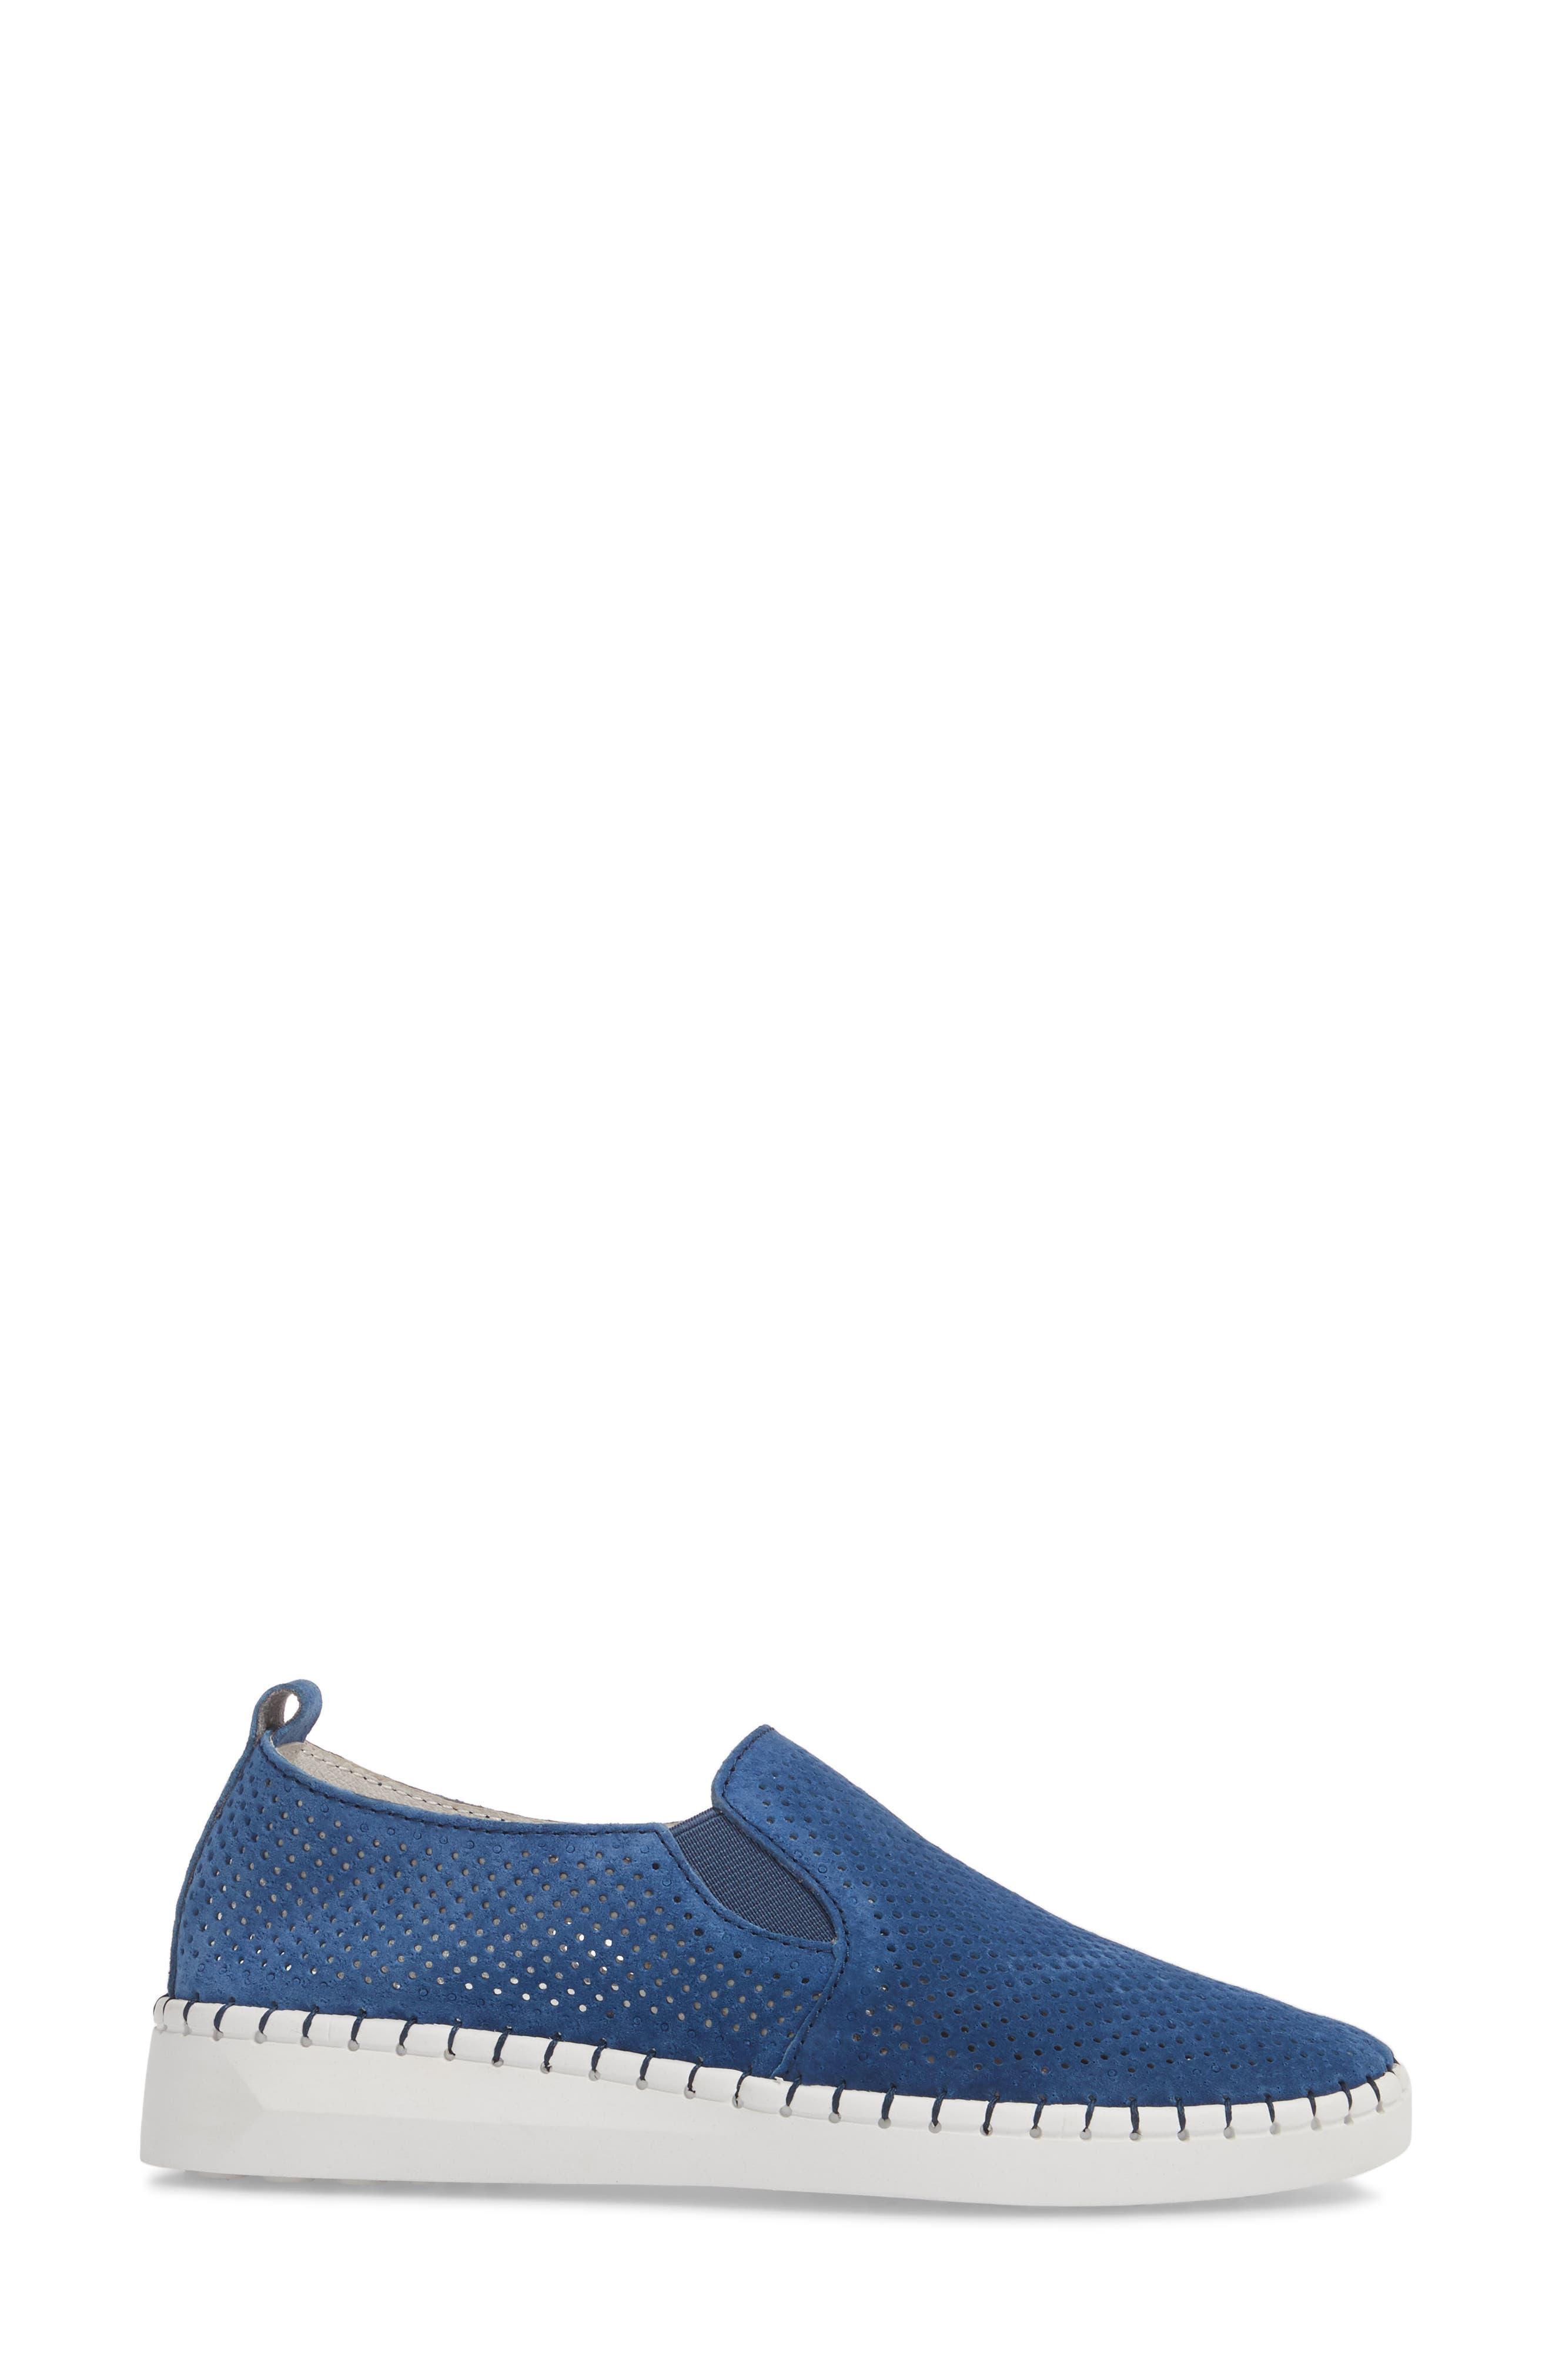 Slip-On Sneaker,                             Alternate thumbnail 3, color,                             BLUE LEATHER